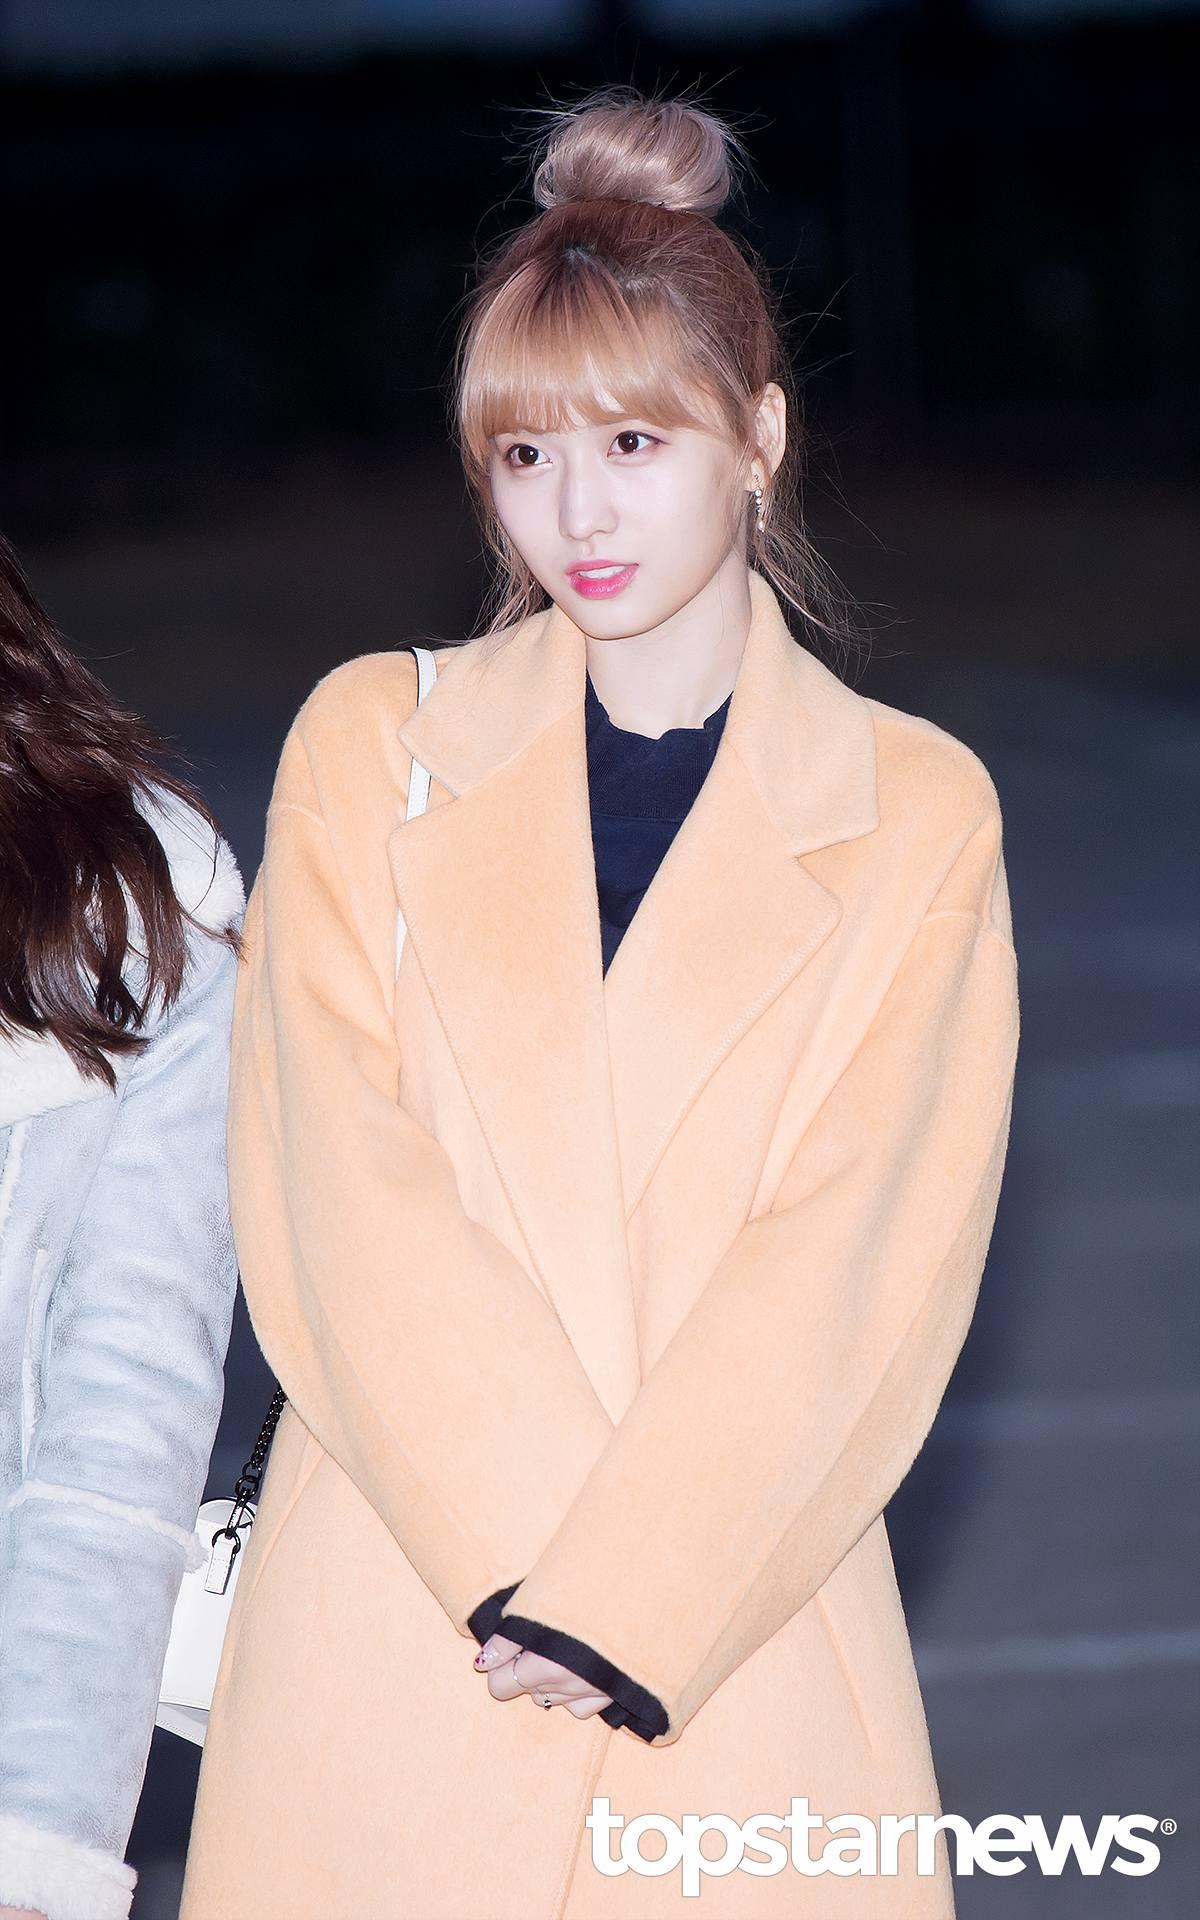 Momo的亮橘大衣是想要買大衣的女孩們可以考慮的樣式,偶爾跳脫黑灰白等基本款顏色來點不一樣感覺,而且亮色系的衣服可以更襯托好氣色!